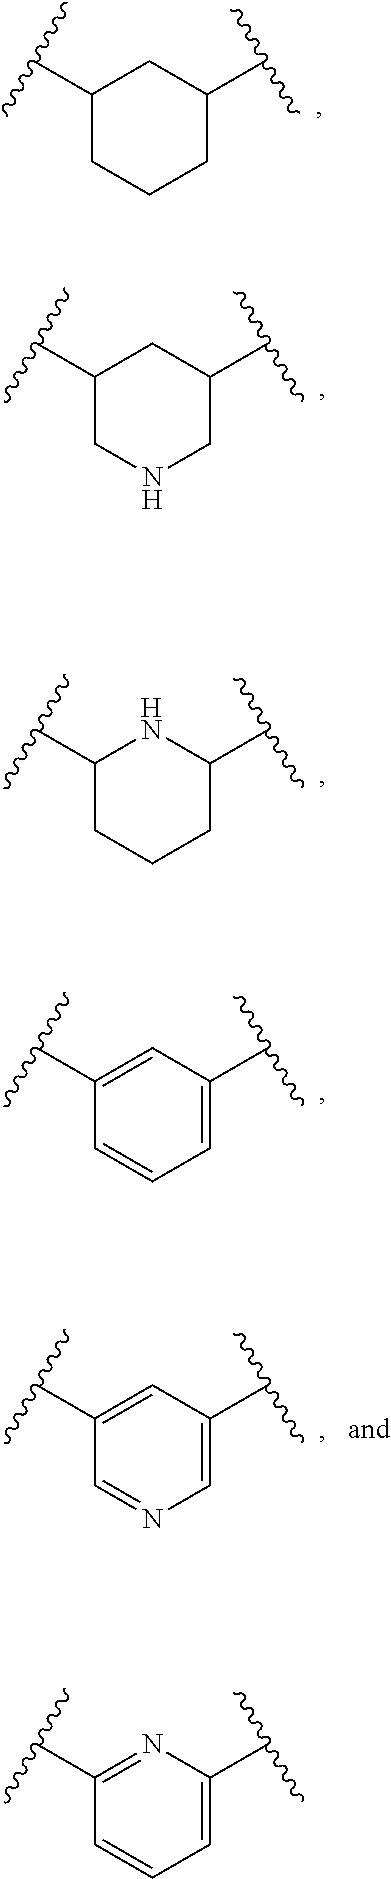 Figure US09902986-20180227-C00005